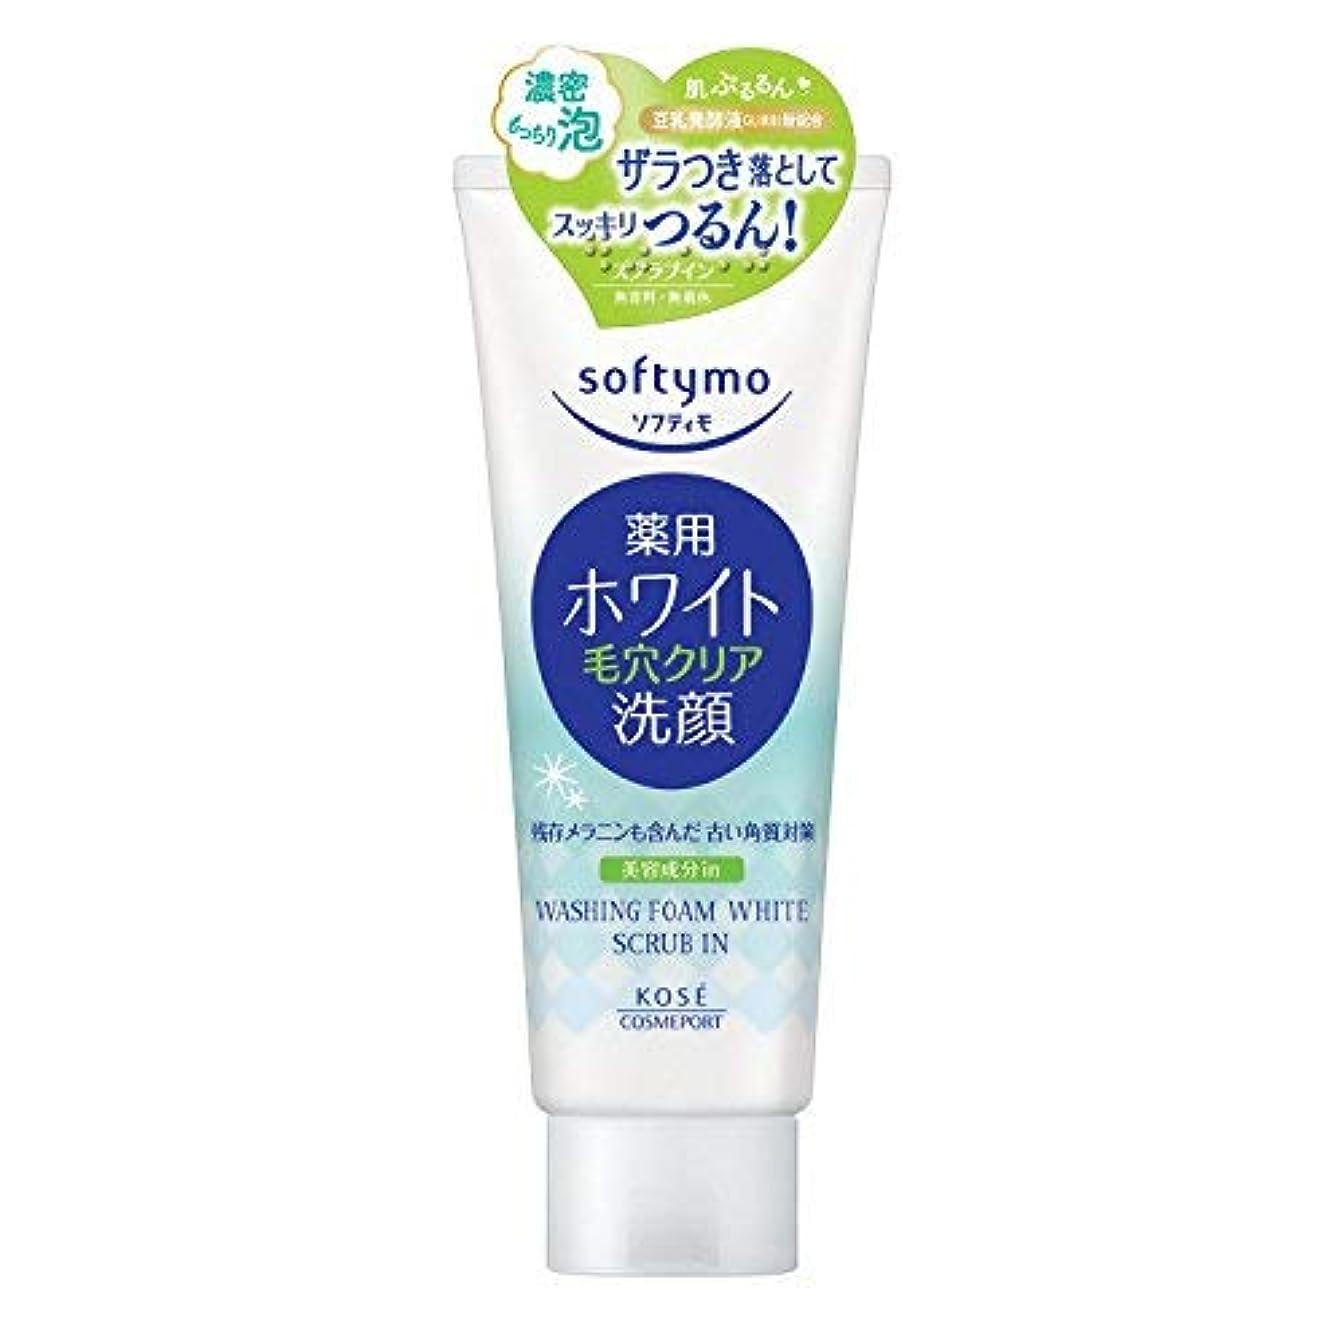 役に立つバッグリラックスソフティモ薬用洗顔フォーム(ホワイト)スクラブイン × 12個セット